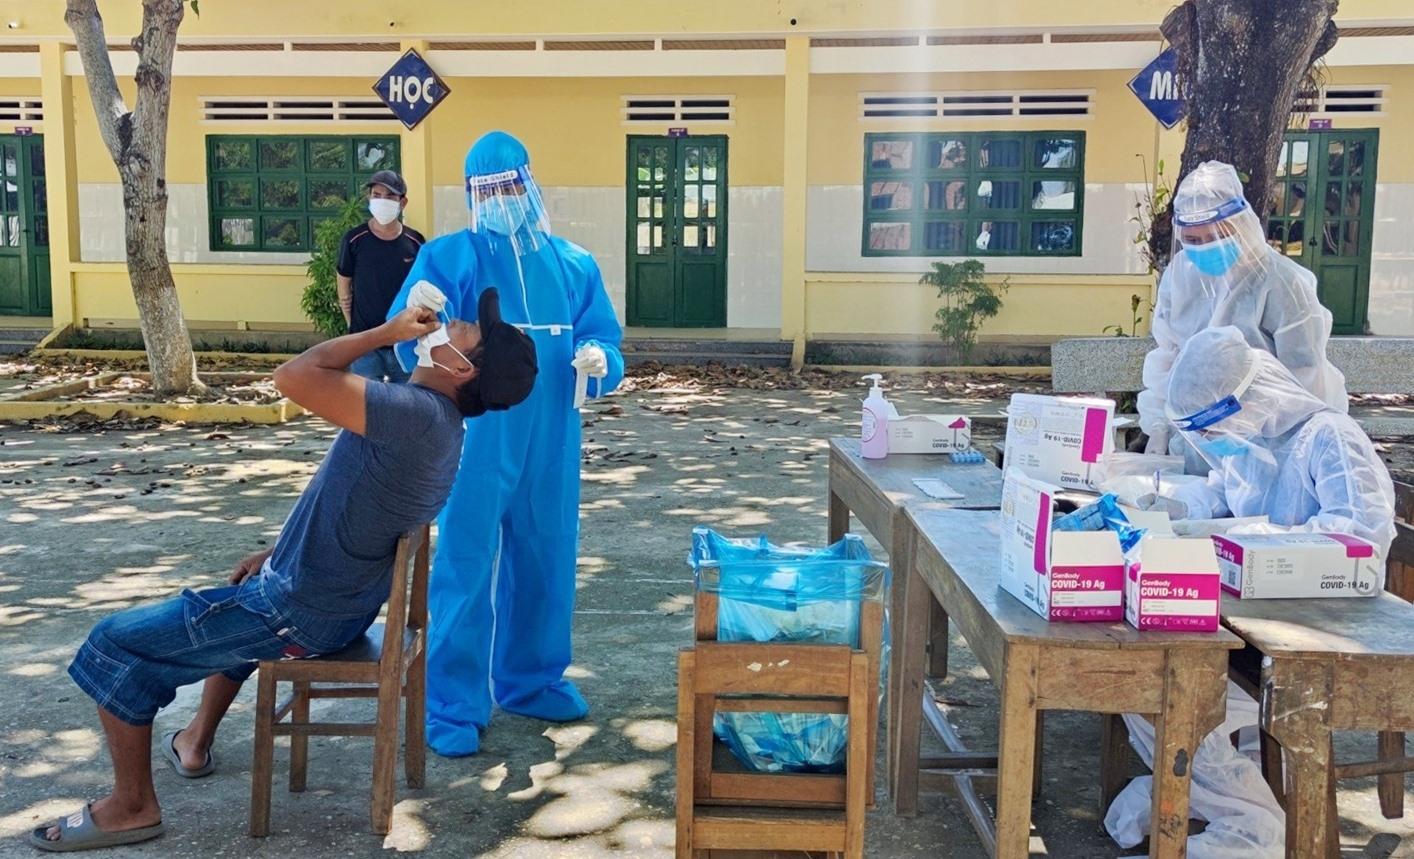 Đội hình TNTN tham gia hỗ trợ cùng đội ngũ y tế huyện nhà truy vét, lấy mẫu xét nghiệm phòng chống dịch Covid-19. Ảnh: THÁI CƯỜNG